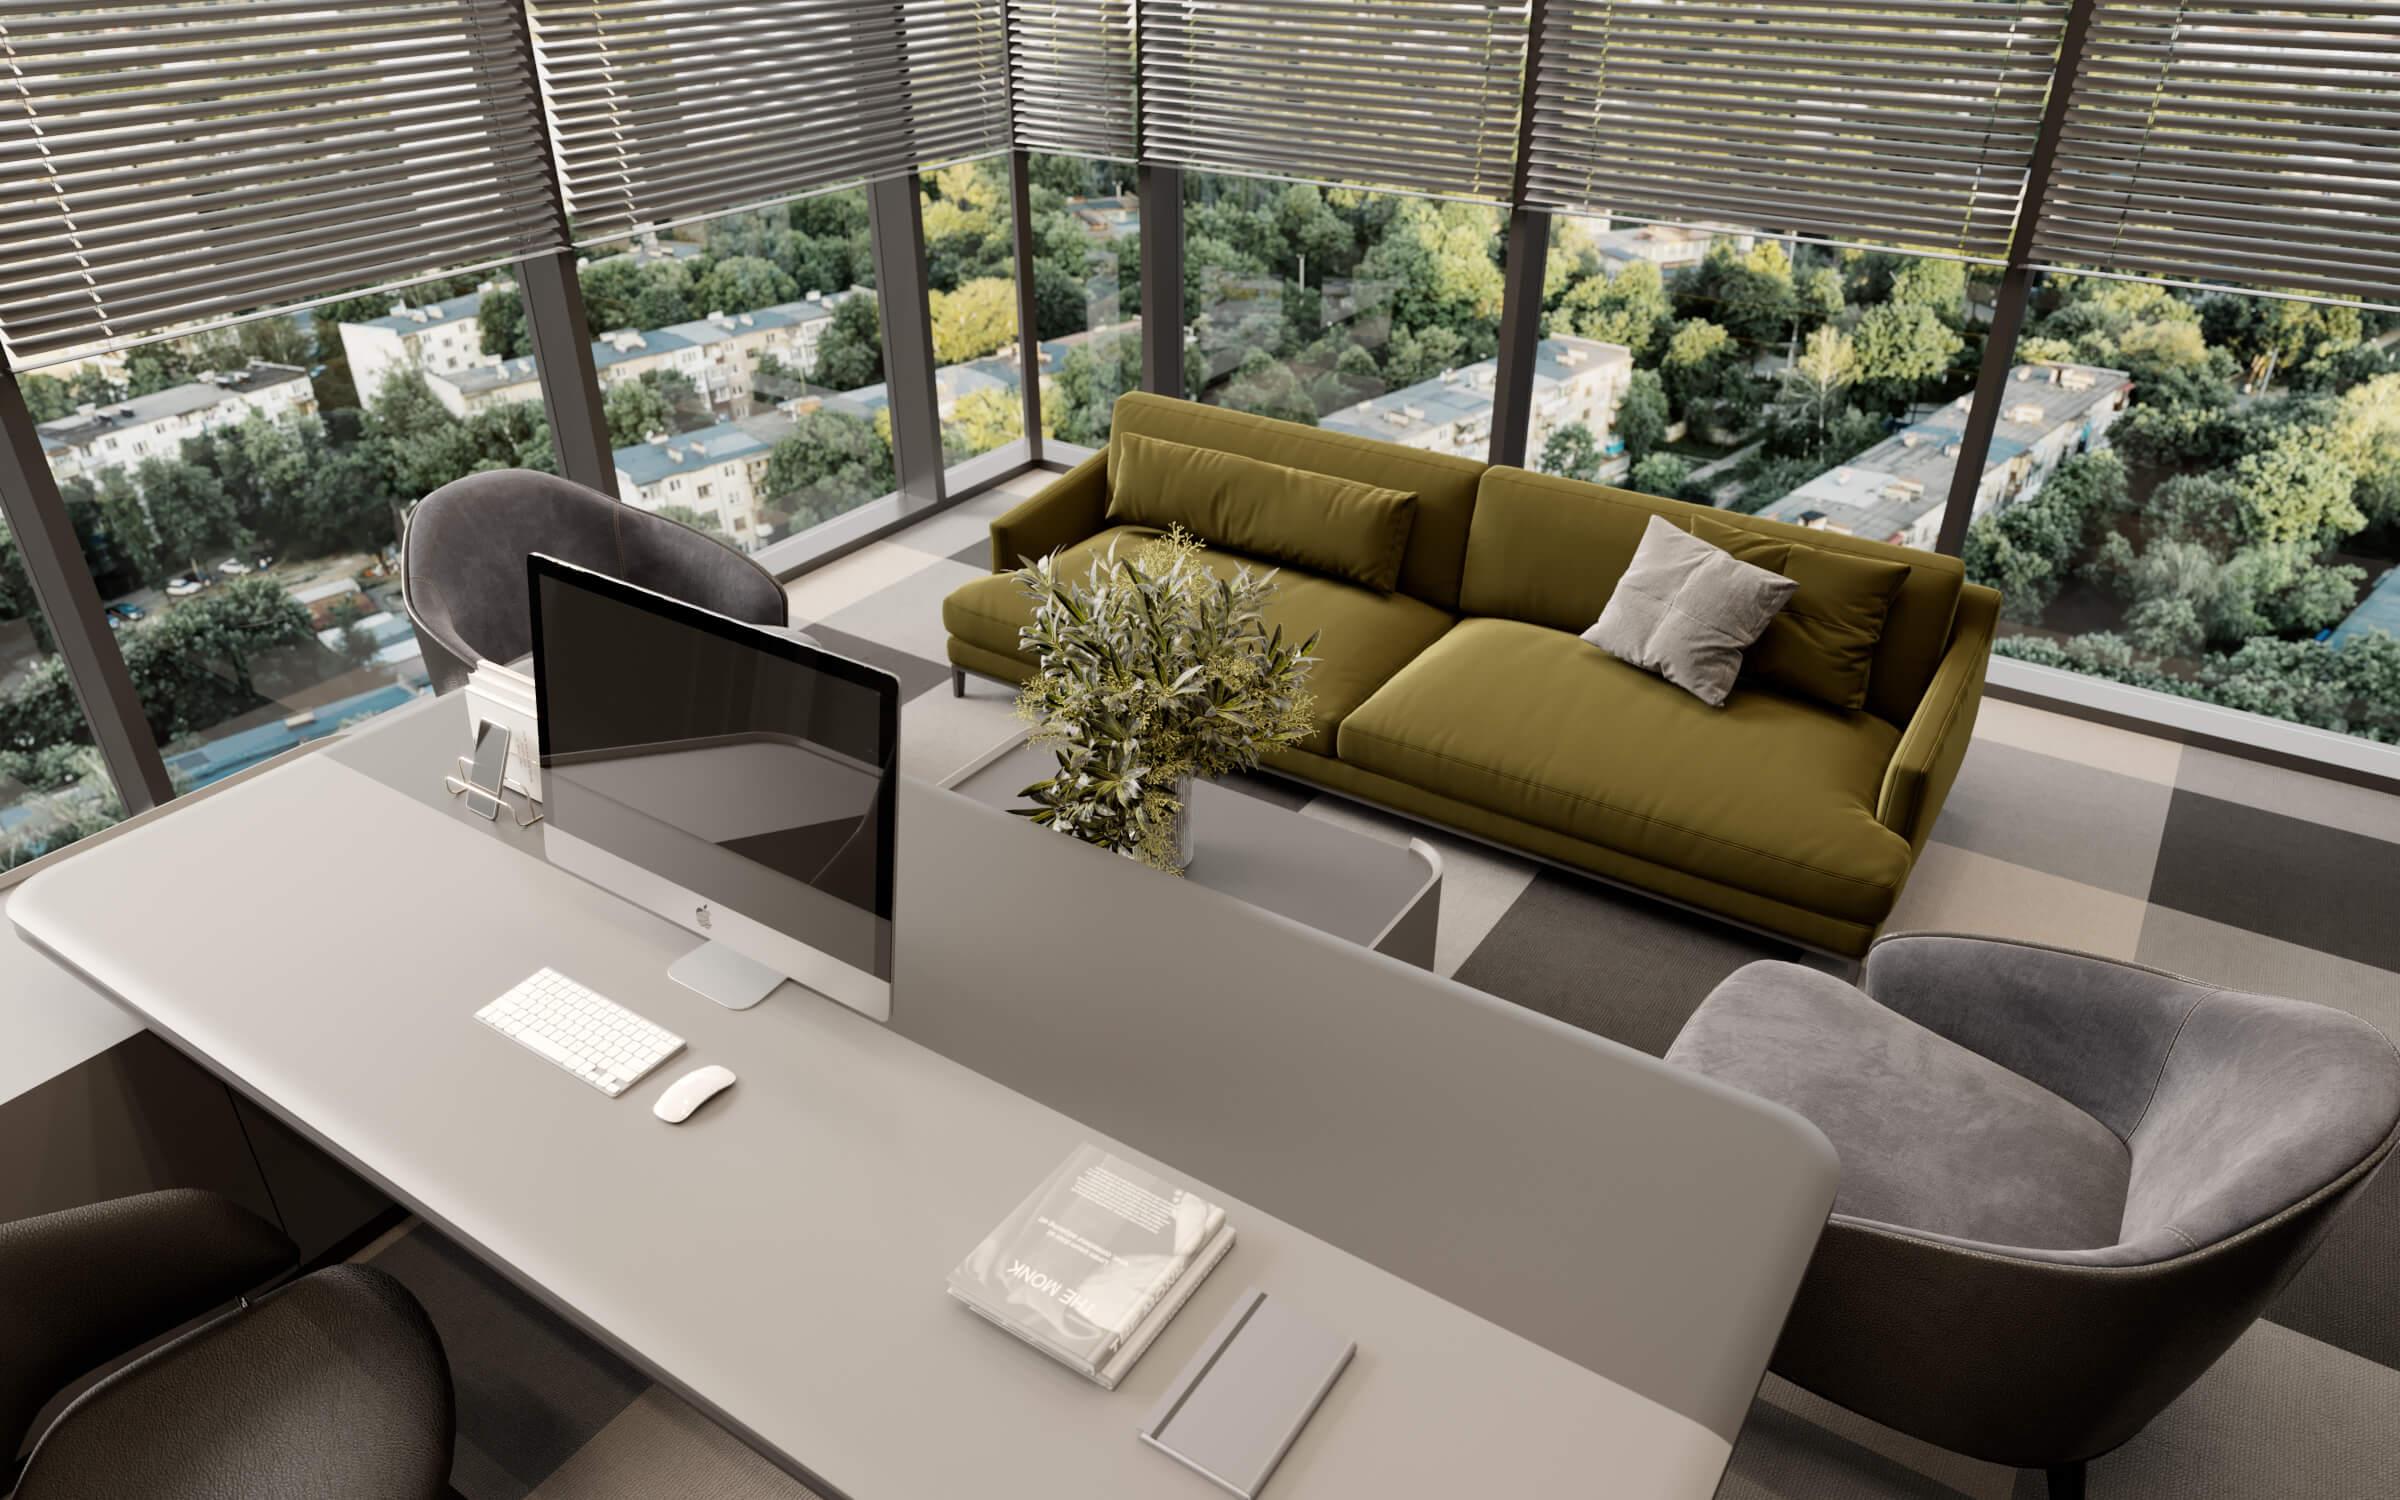 ofis dekorasyonu 4115 Anadolu Hayat Emeklilik Ofisler